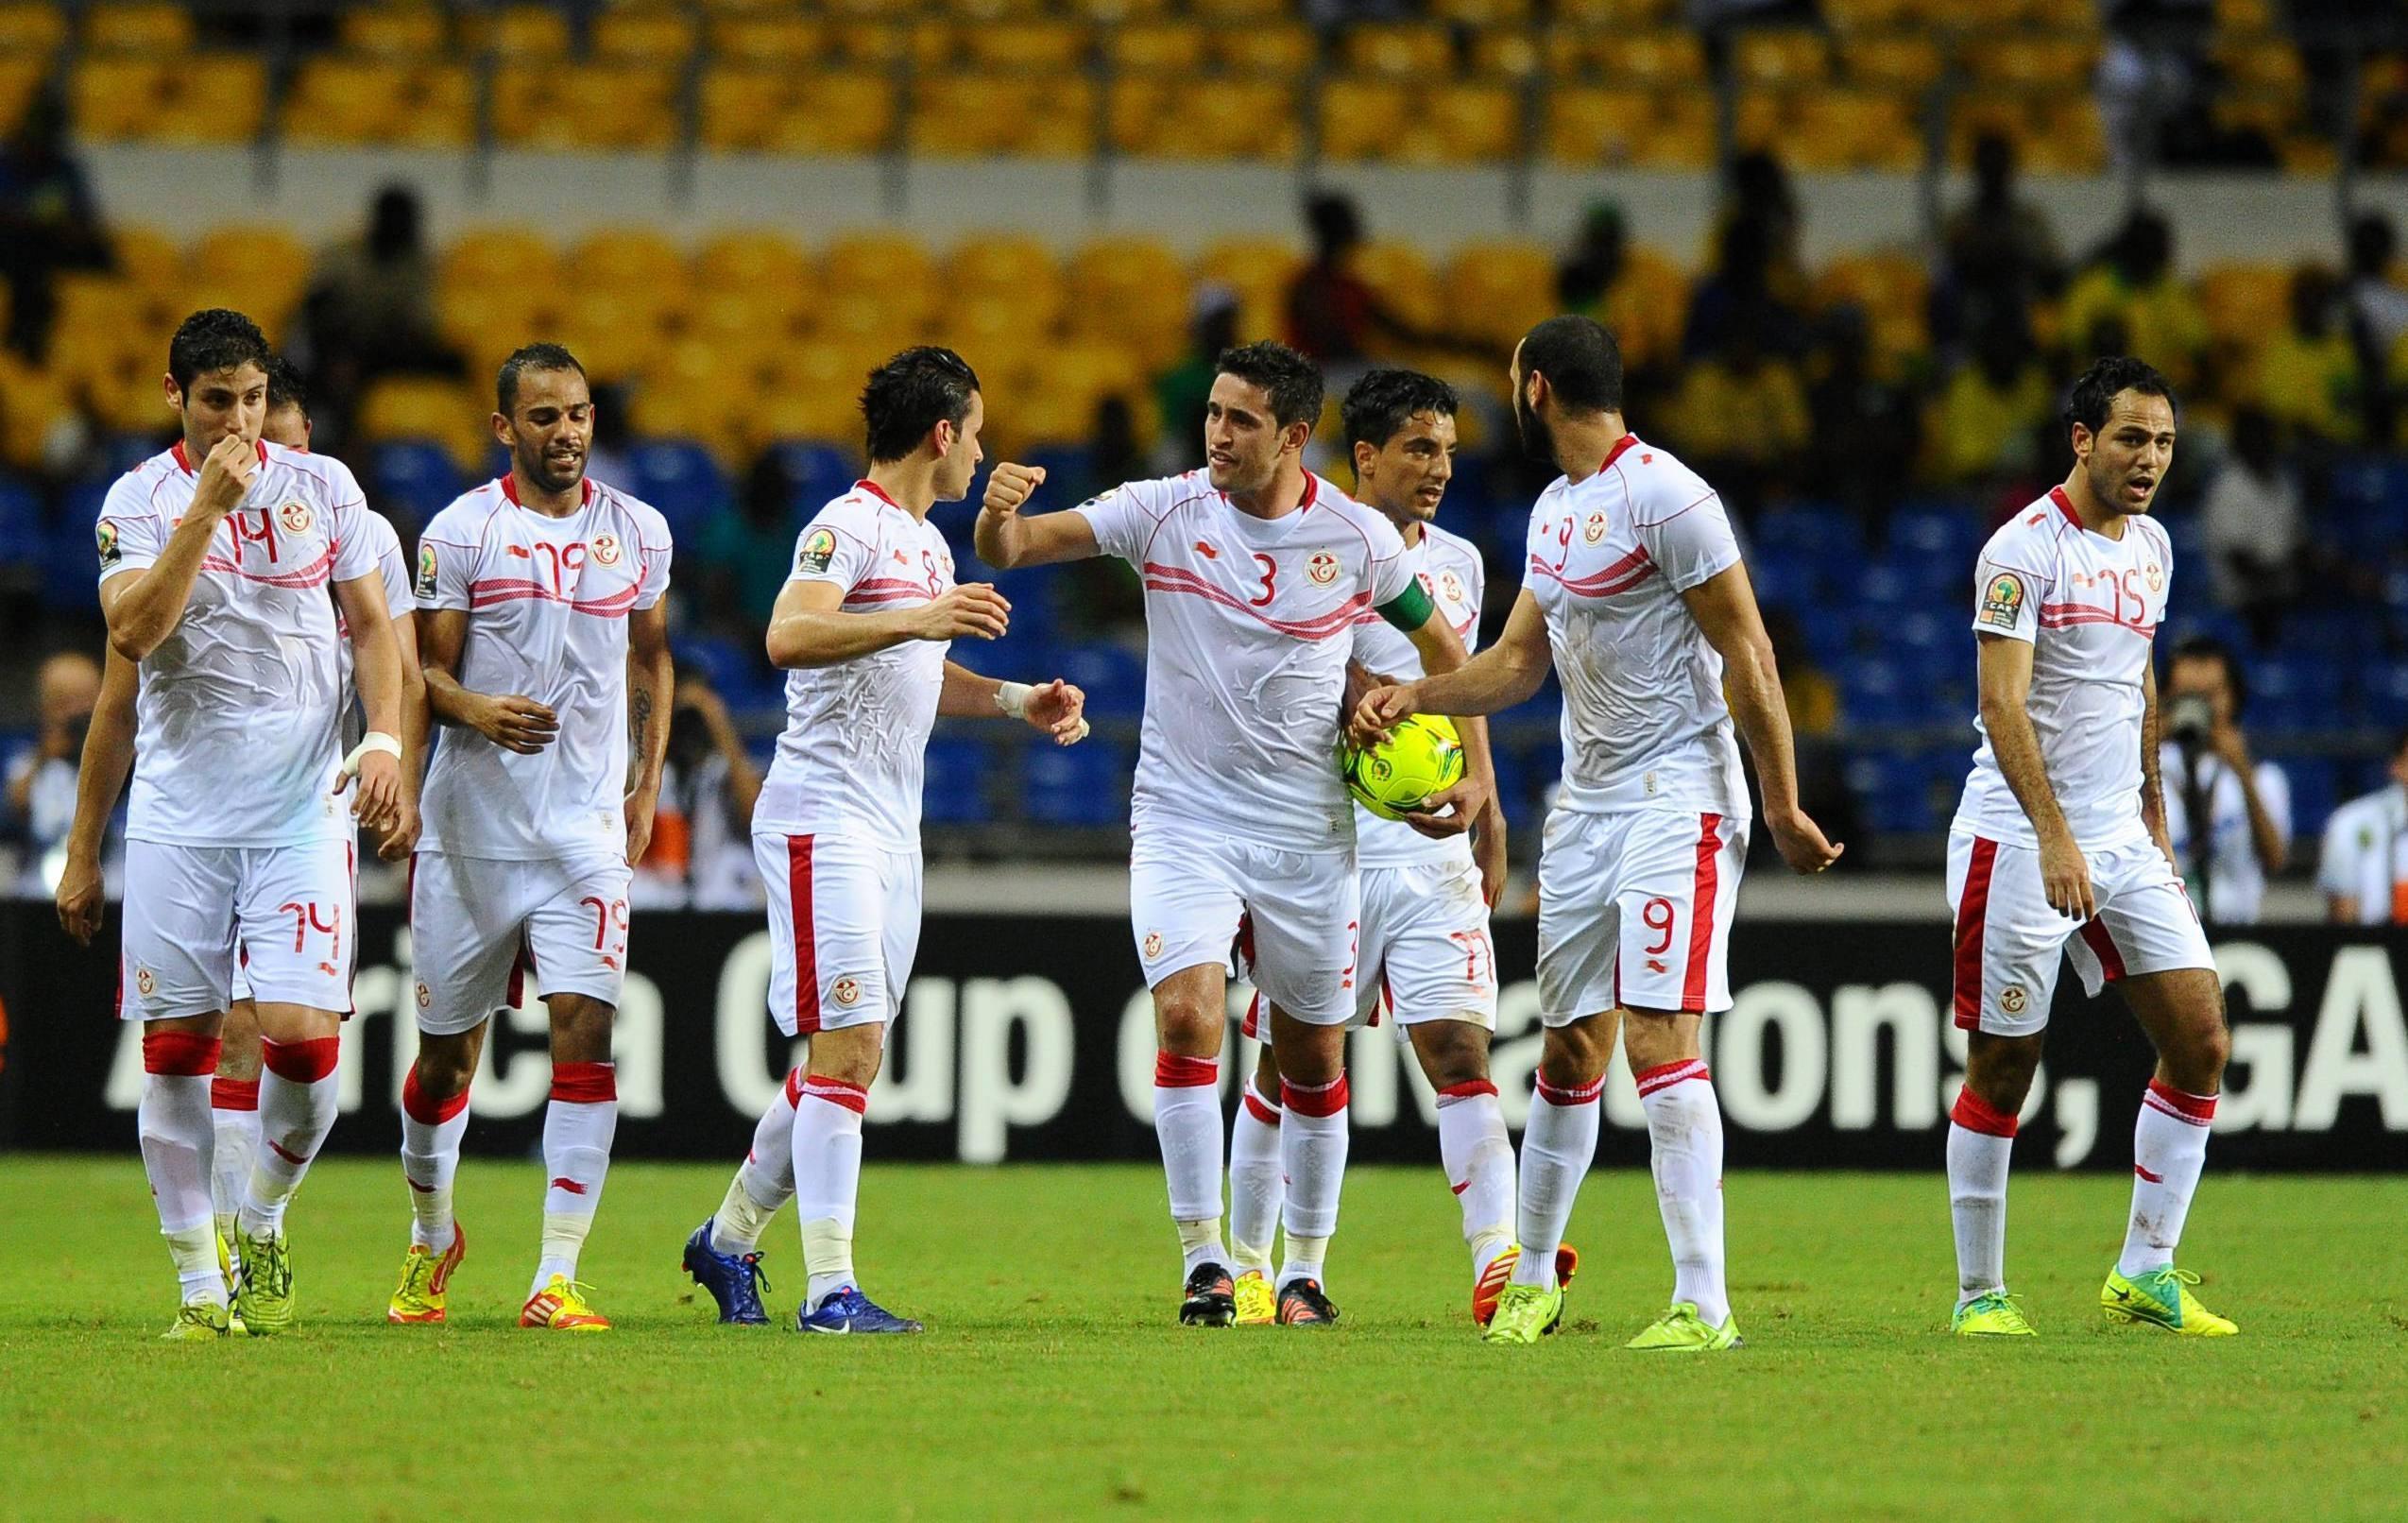 La fifa qualifie la tunisie au d triment du cap vert coupe du monde football - Coupe du monde 1998 tunisie ...